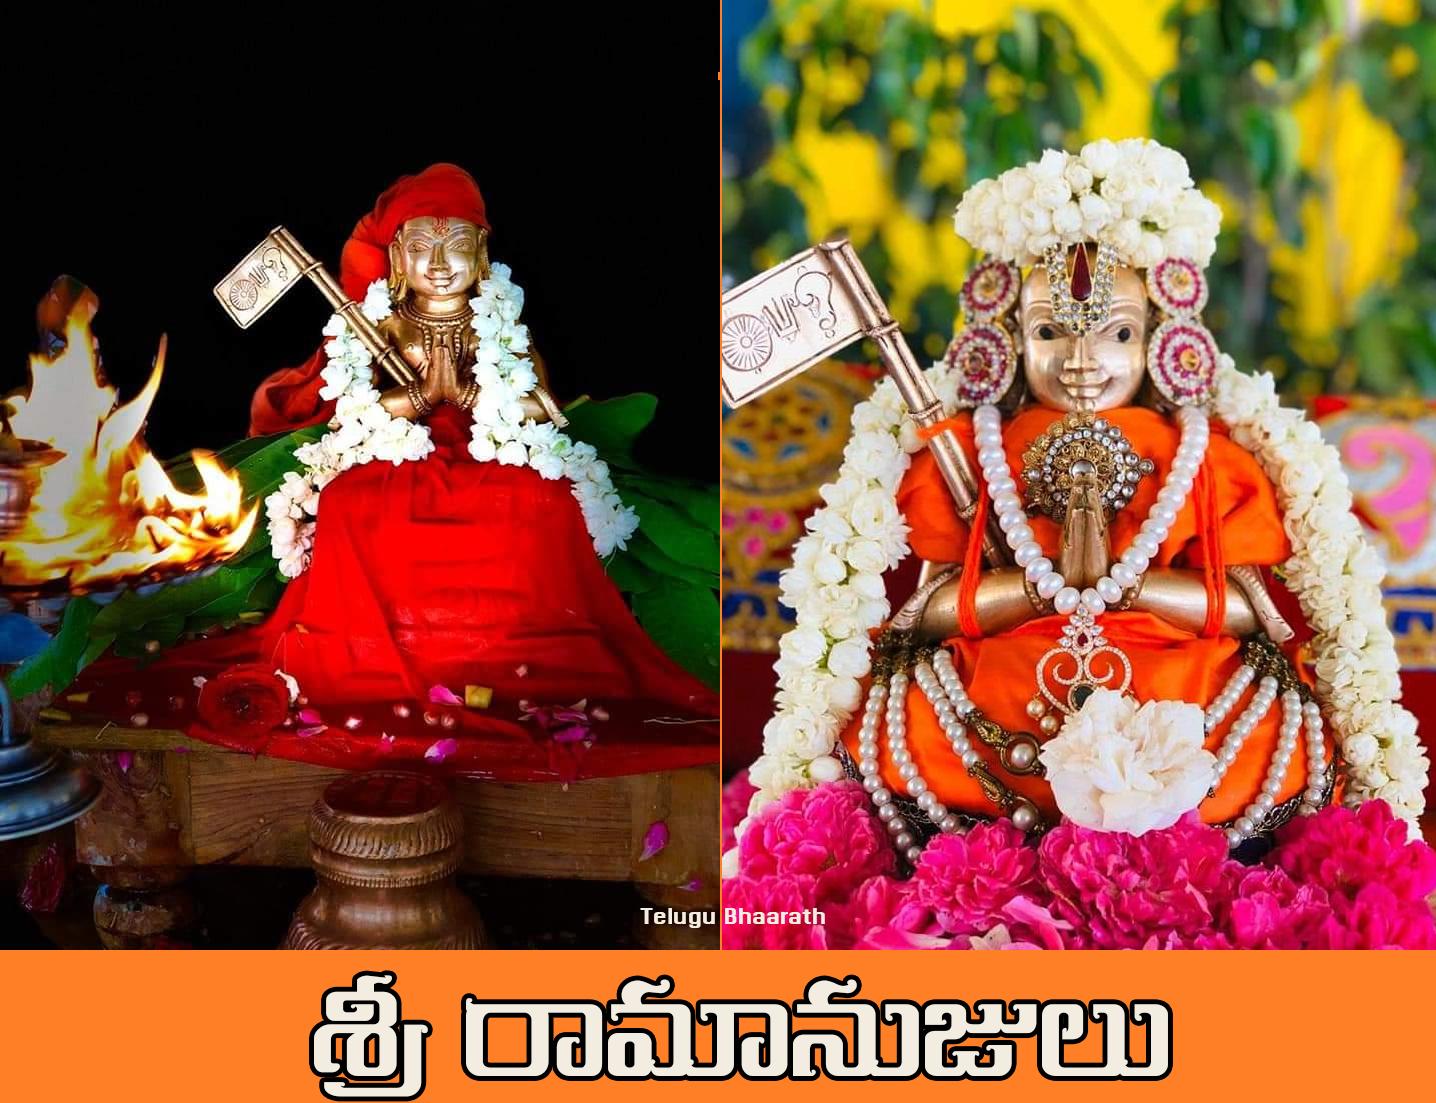 శ్రీ రామానుజులు - Ramanujulu